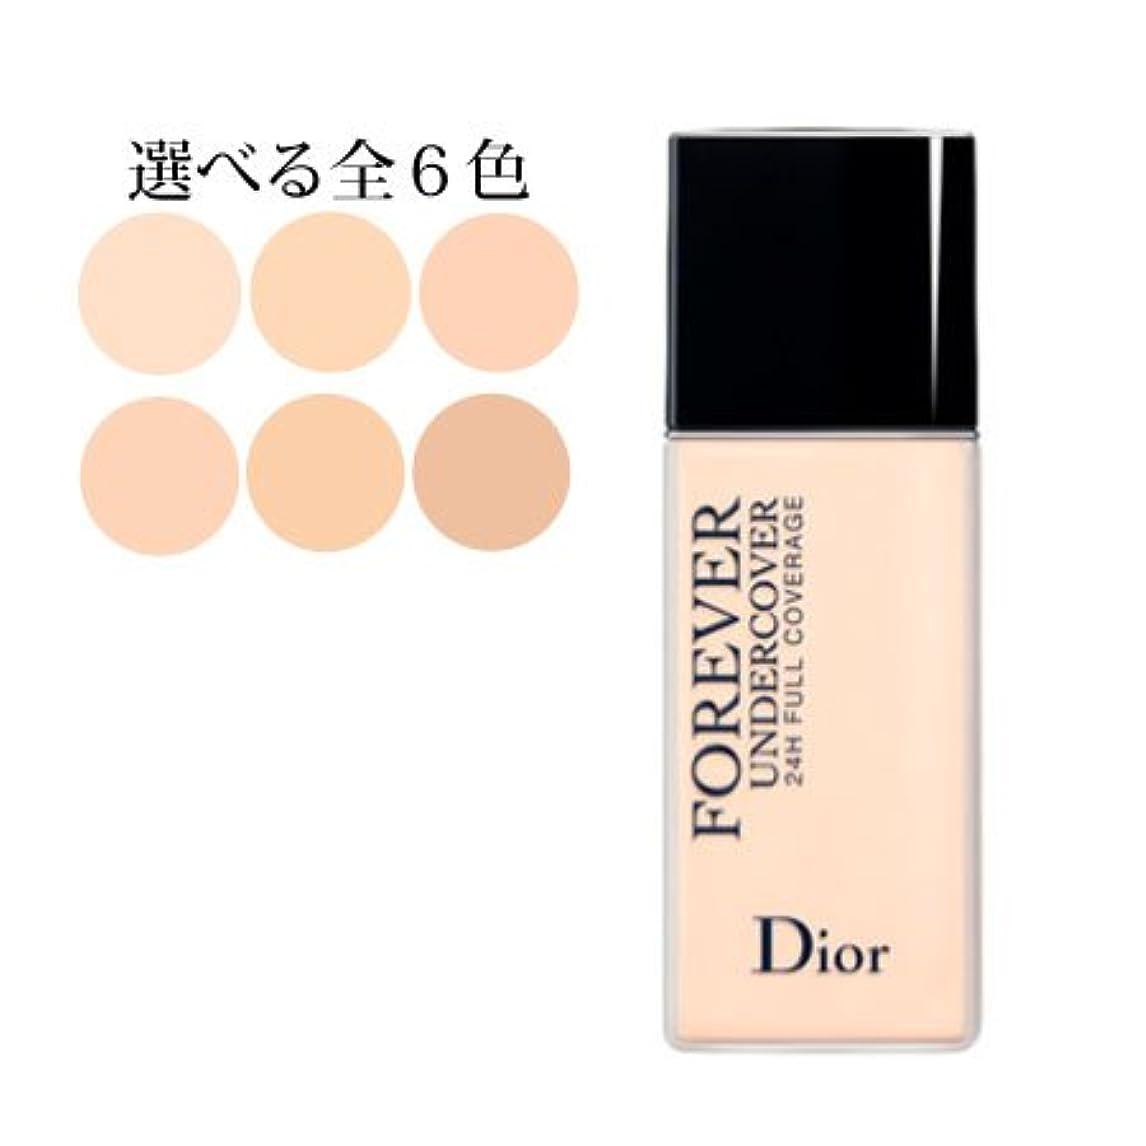 におい世辞スペアディオールスキン フォーエヴァー アンダーカバー 選べる6色 -Dior- 020